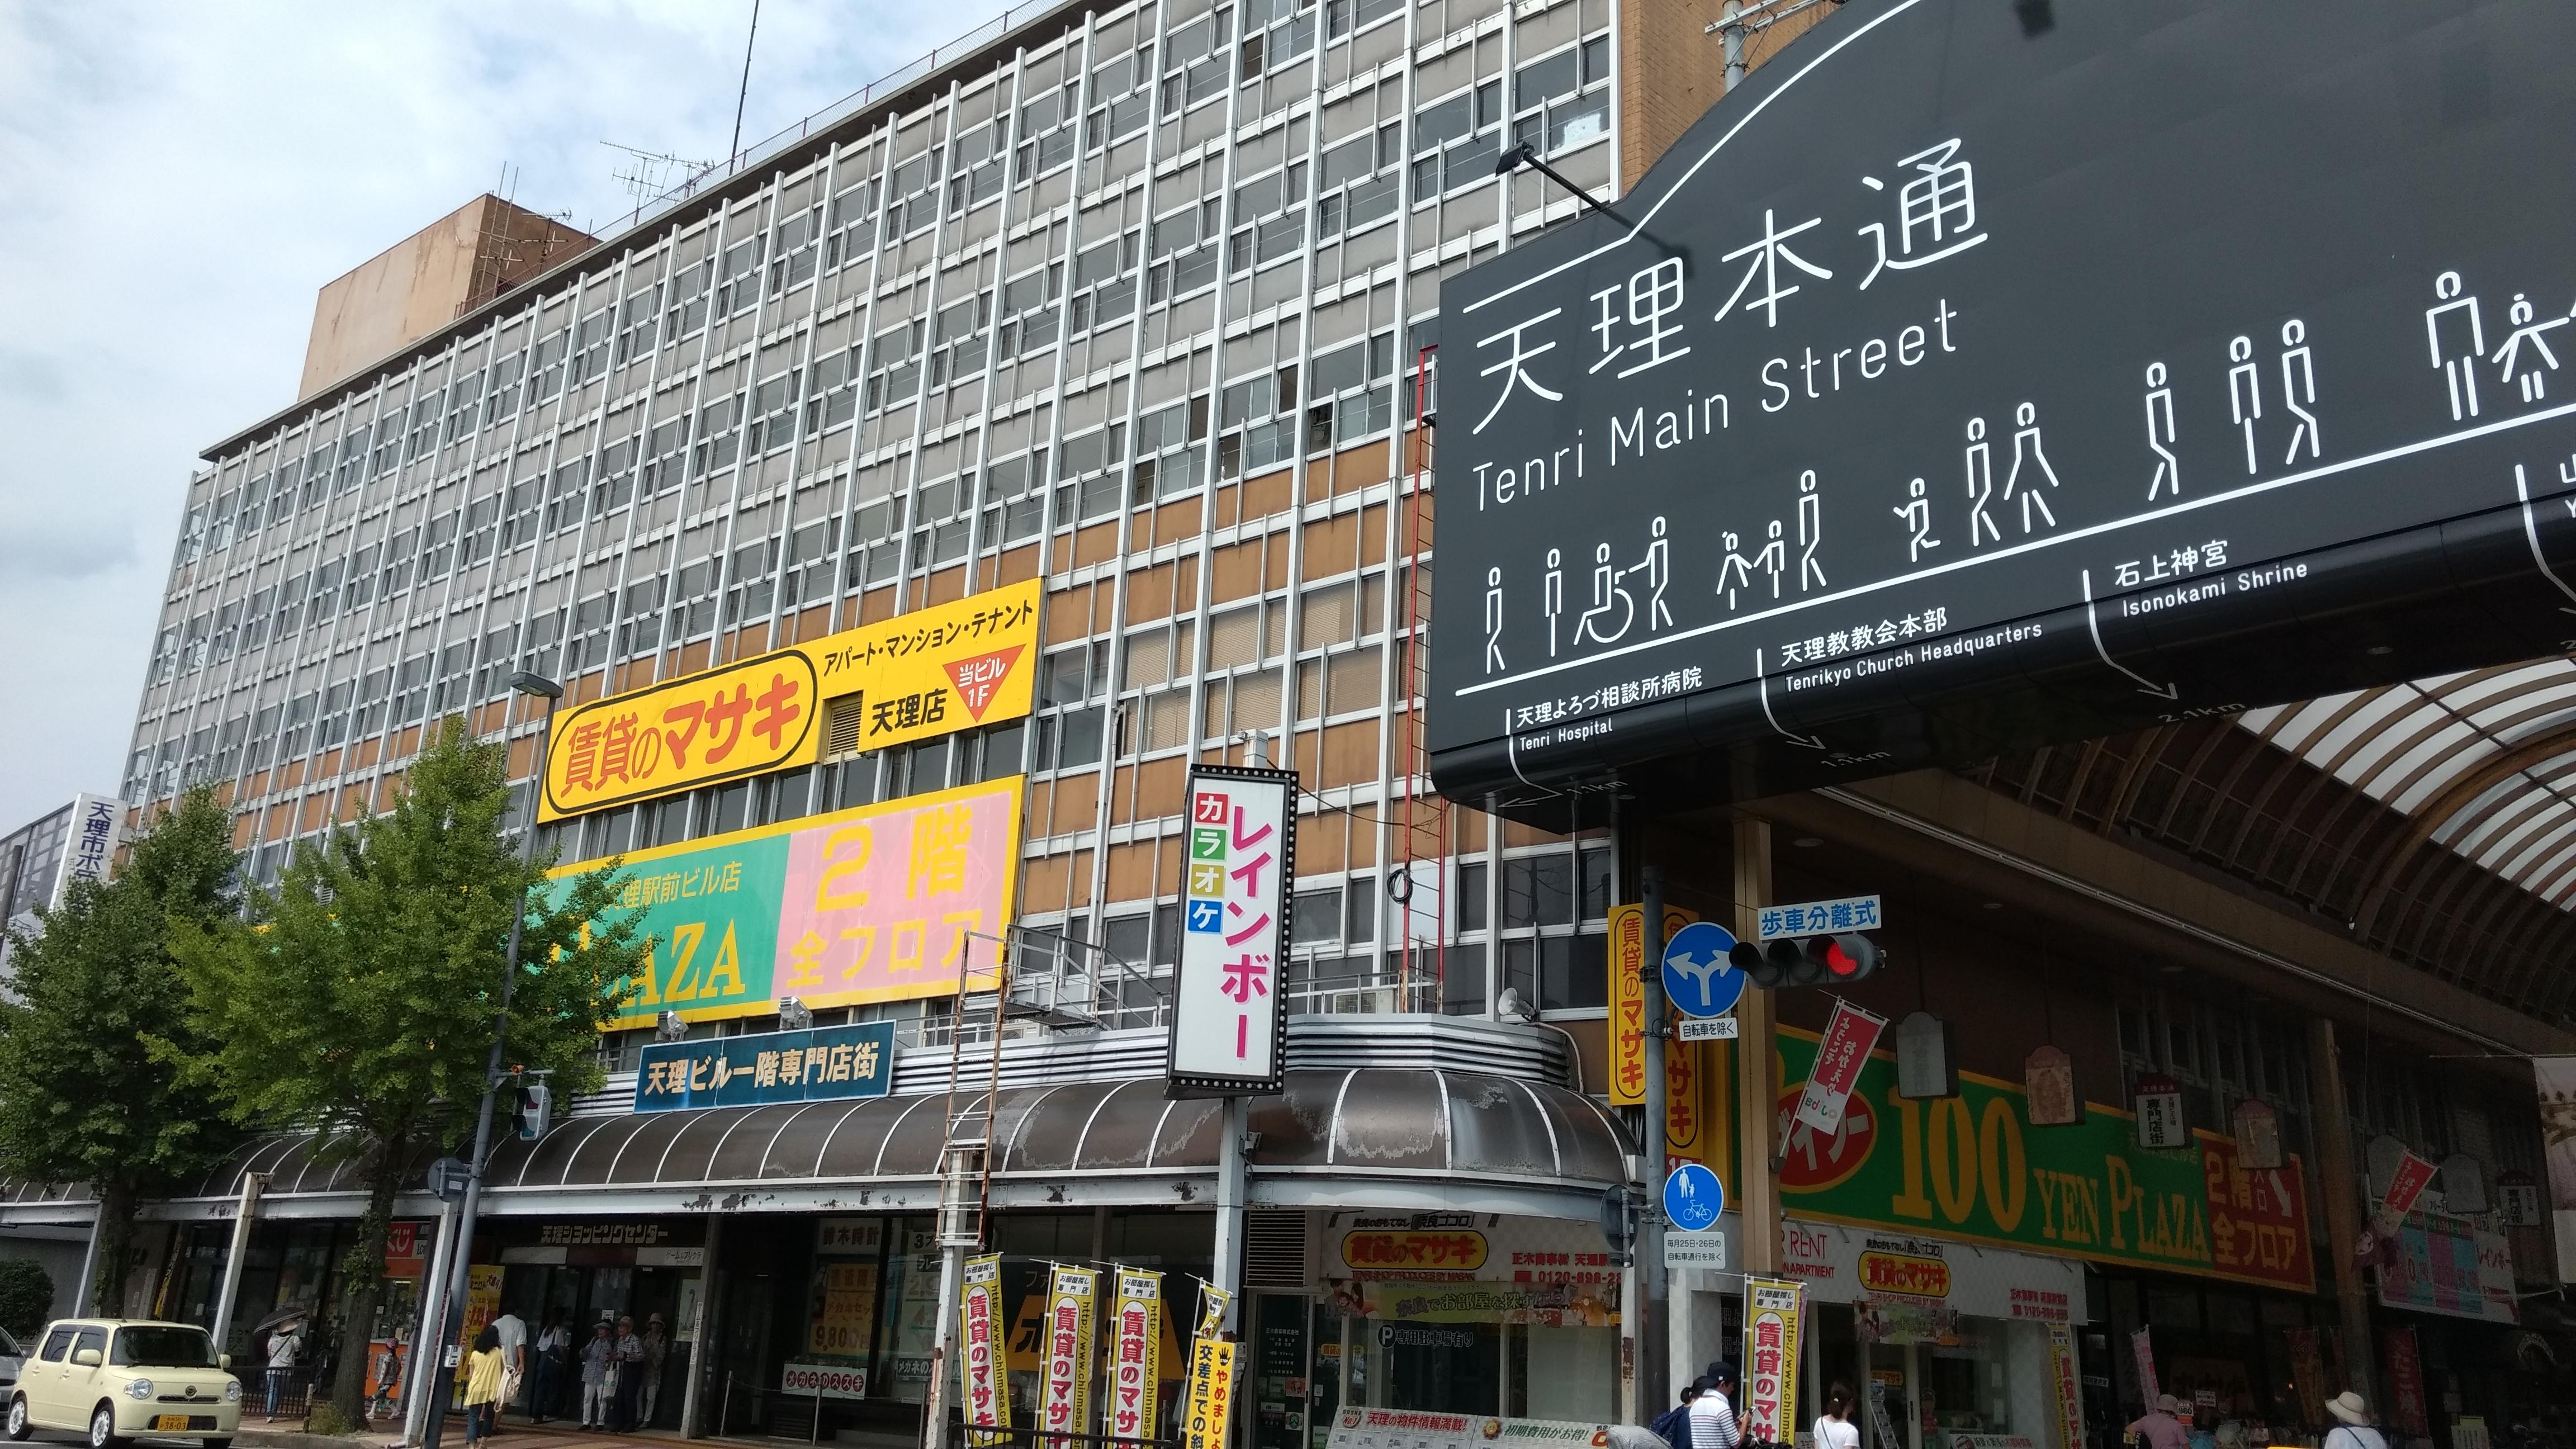 宗教都市・天理訪問記【天理本通り商店街】